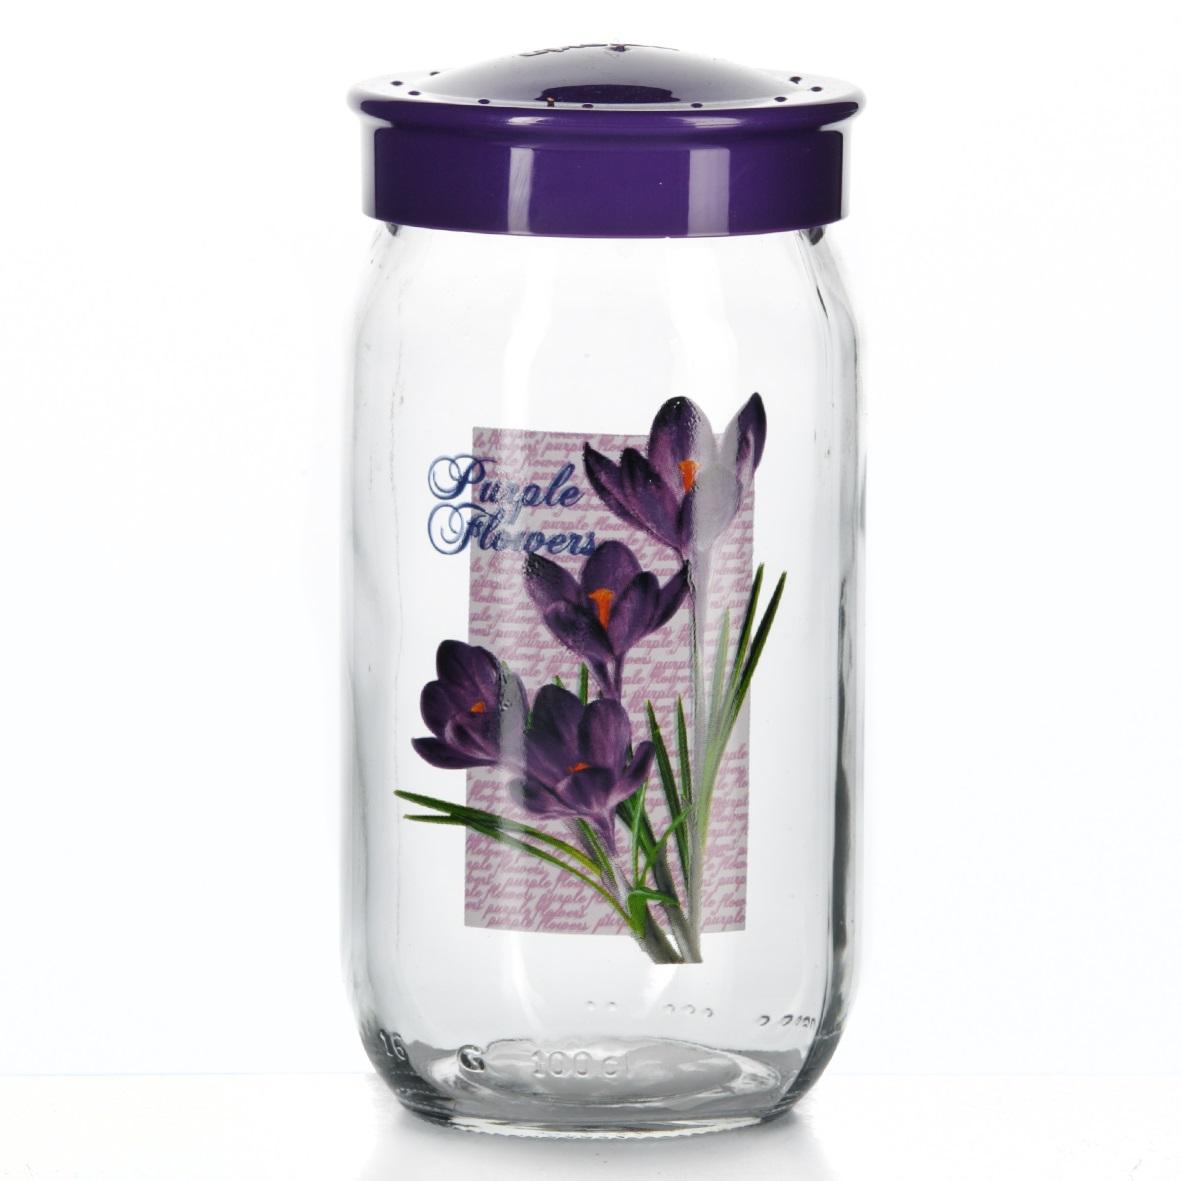 Банка для сыпучих продуктов Herevin, цвет: фиолетовый, 1 л. 171216-000171216-000Банка для сыпучих продуктов Herevin, изготовленная из прочного стекла, декорирована изображением цветов. Банка оснащена плотно закрывающейся пластиковой крышкой. Благодаря этому внутри сохраняется герметичность, и продукты дольше остаются свежими. Изделие предназначено для хранения различных сыпучих продуктов: круп, чая, сахара, орехов и т.д. Функциональная и вместительная, такая банка станет незаменимым аксессуаром на любой кухне. Можно мыть в посудомоечной машине. Пластиковые части рекомендуется мыть вручную. Объем: 1 л. Диаметр (по верхнему краю): 7,5 см. Высота банки (без учета крышки): 18 см.